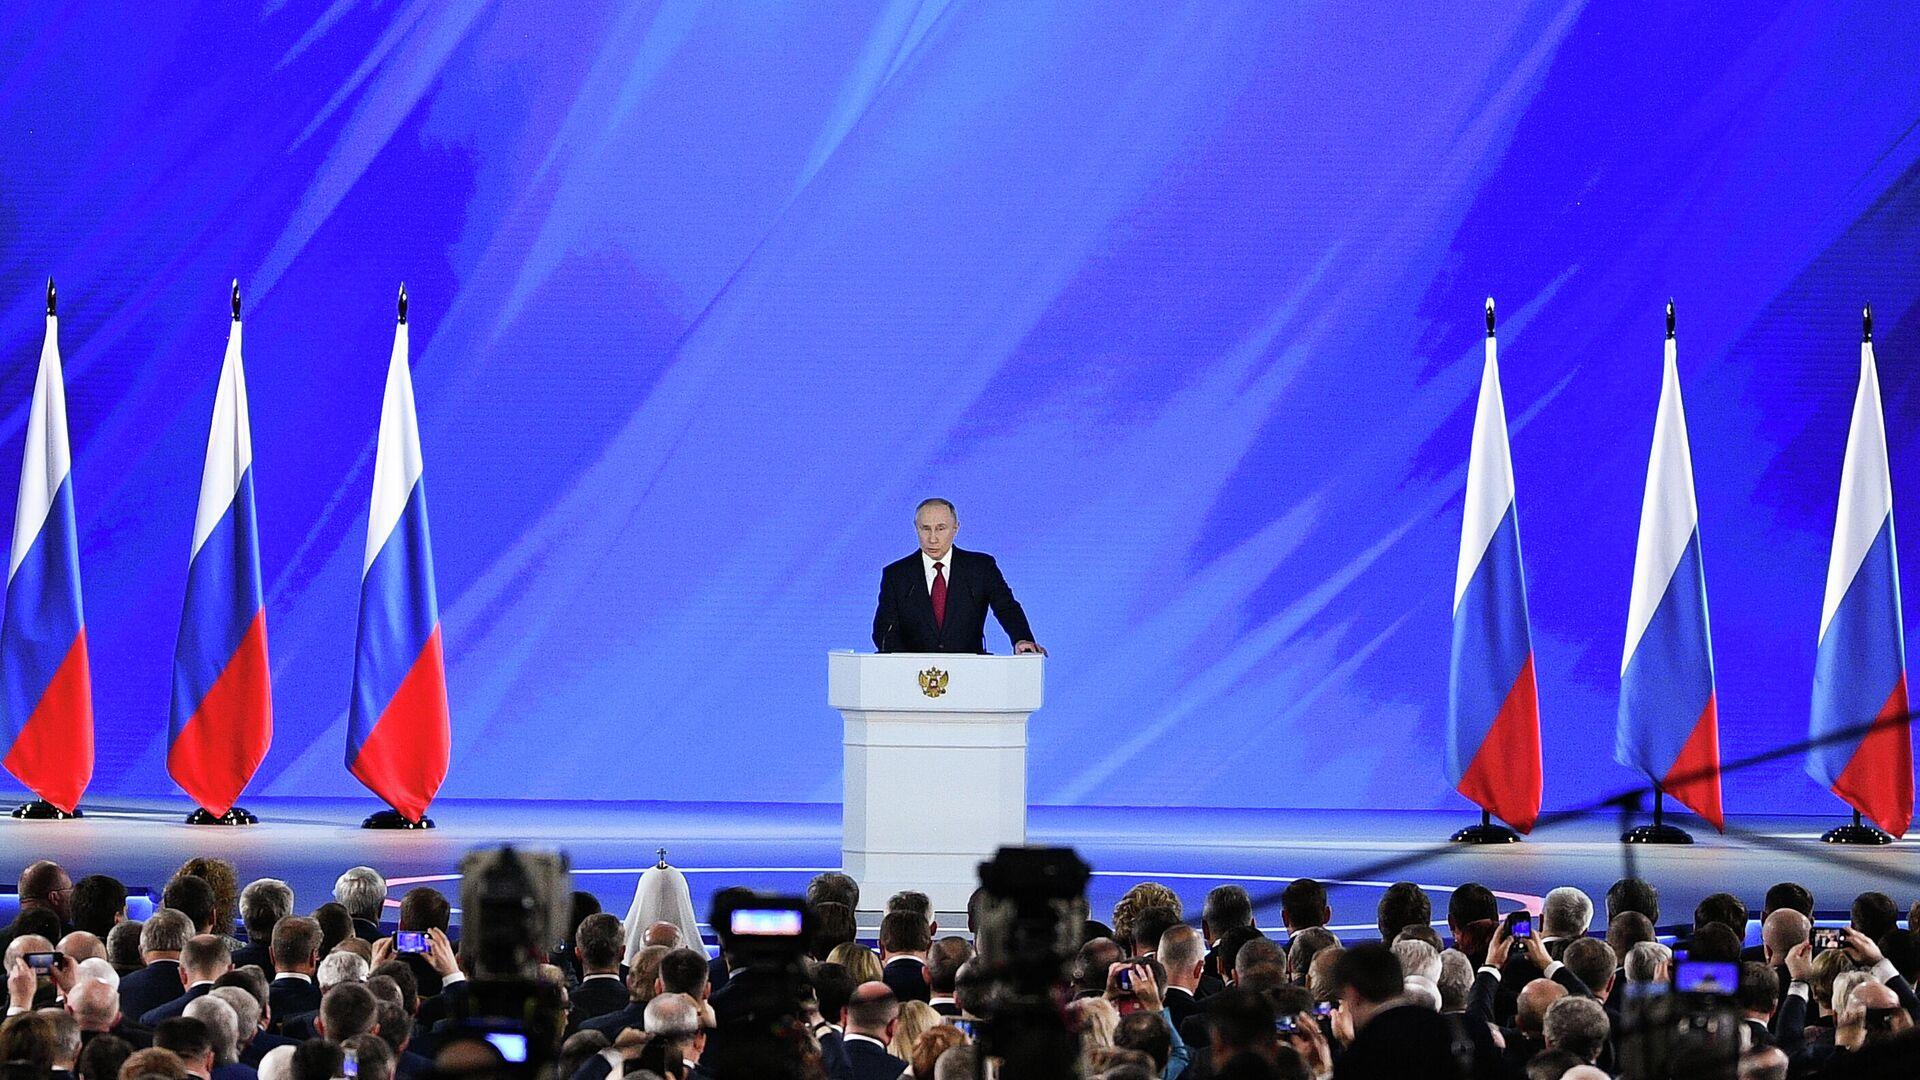 Завершилась аккредитация журналистов на послание Путина